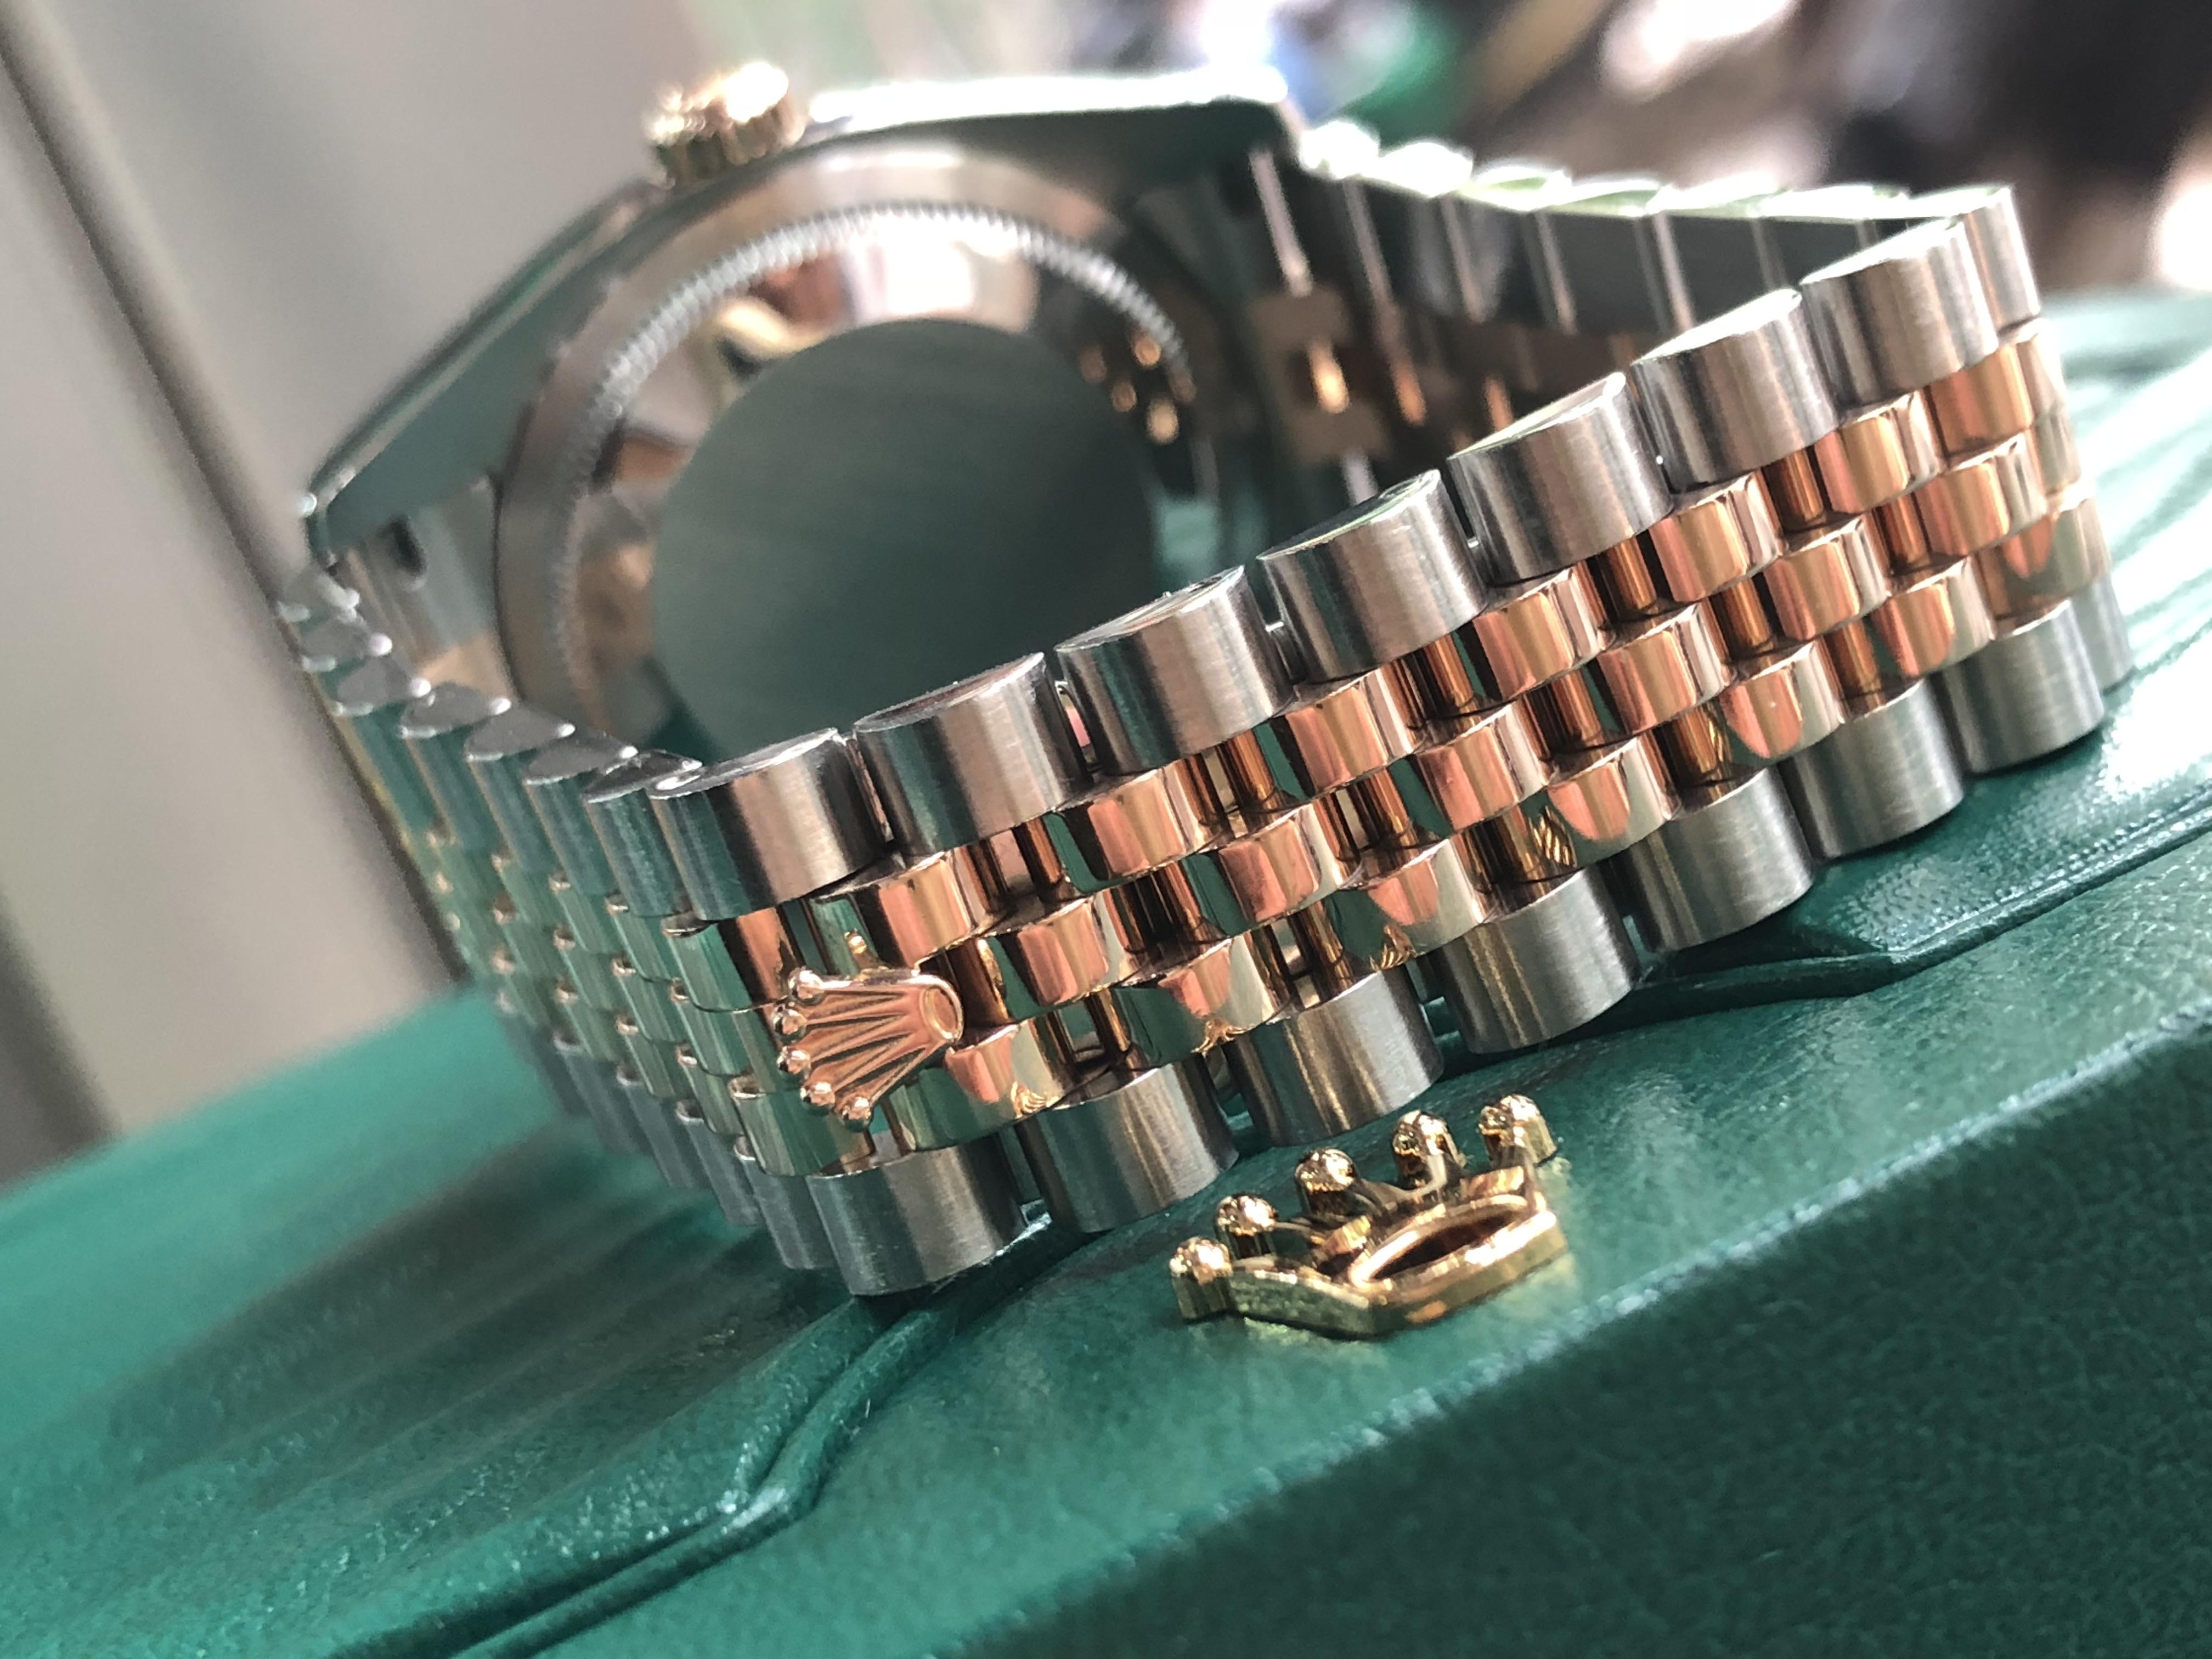 Rolex 116231 mặt vi tính đen demi vàng hồng 18k đời 2011